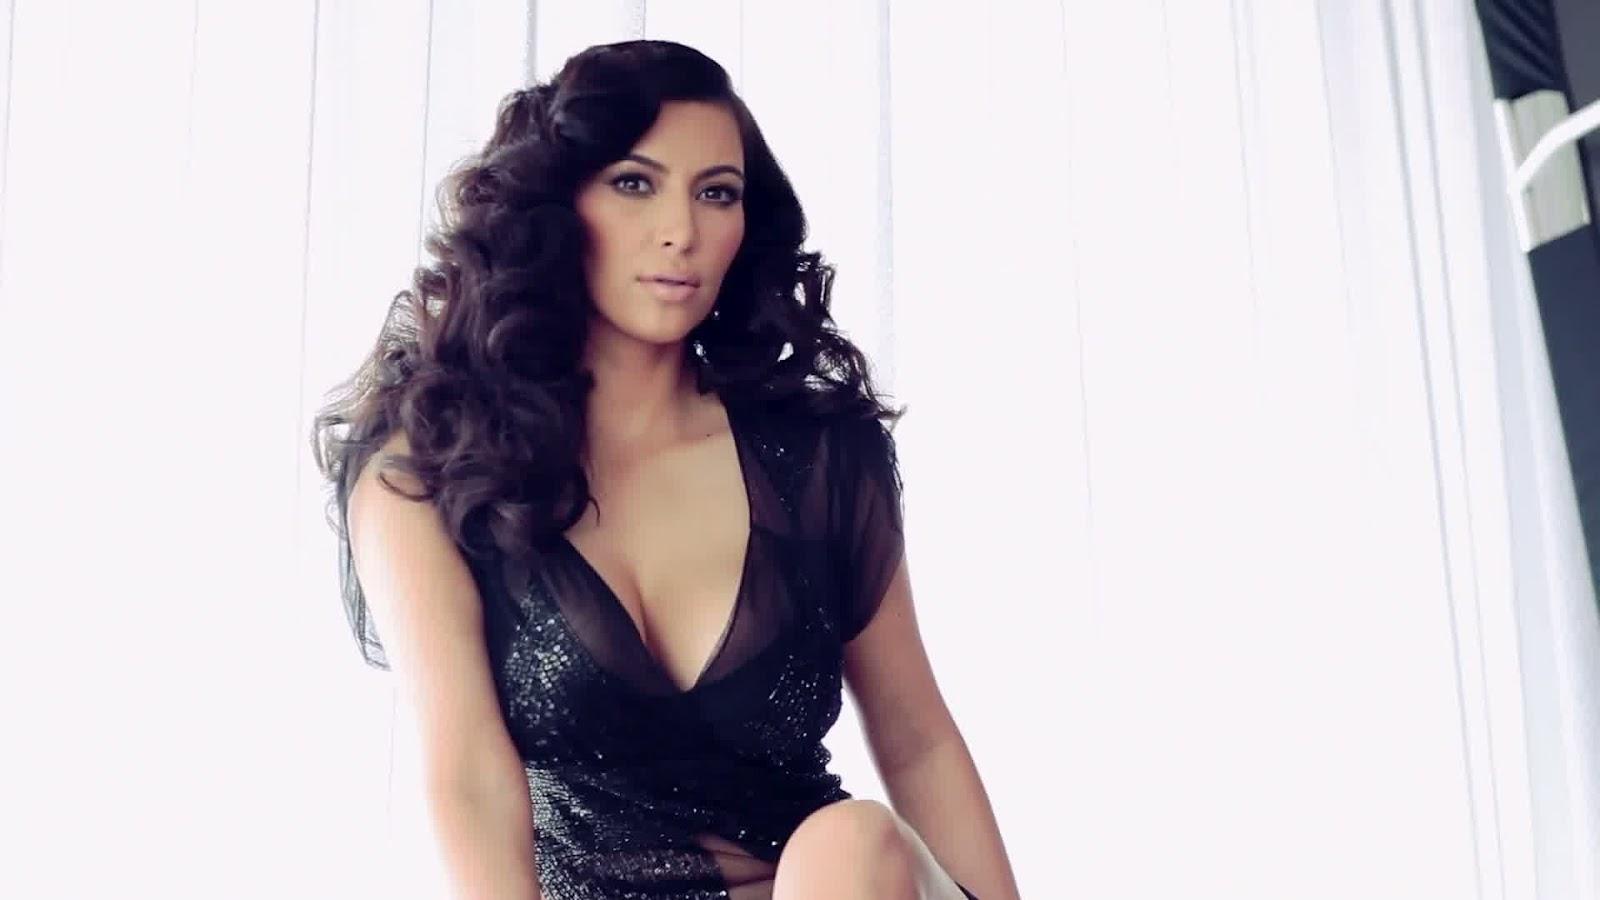 http://3.bp.blogspot.com/-Gx-qG5TlLX8/T4qI5HbLLVI/AAAAAAAAHtI/KeiXQFYKDig/s1600/Kim-Kardashian-2.jpg